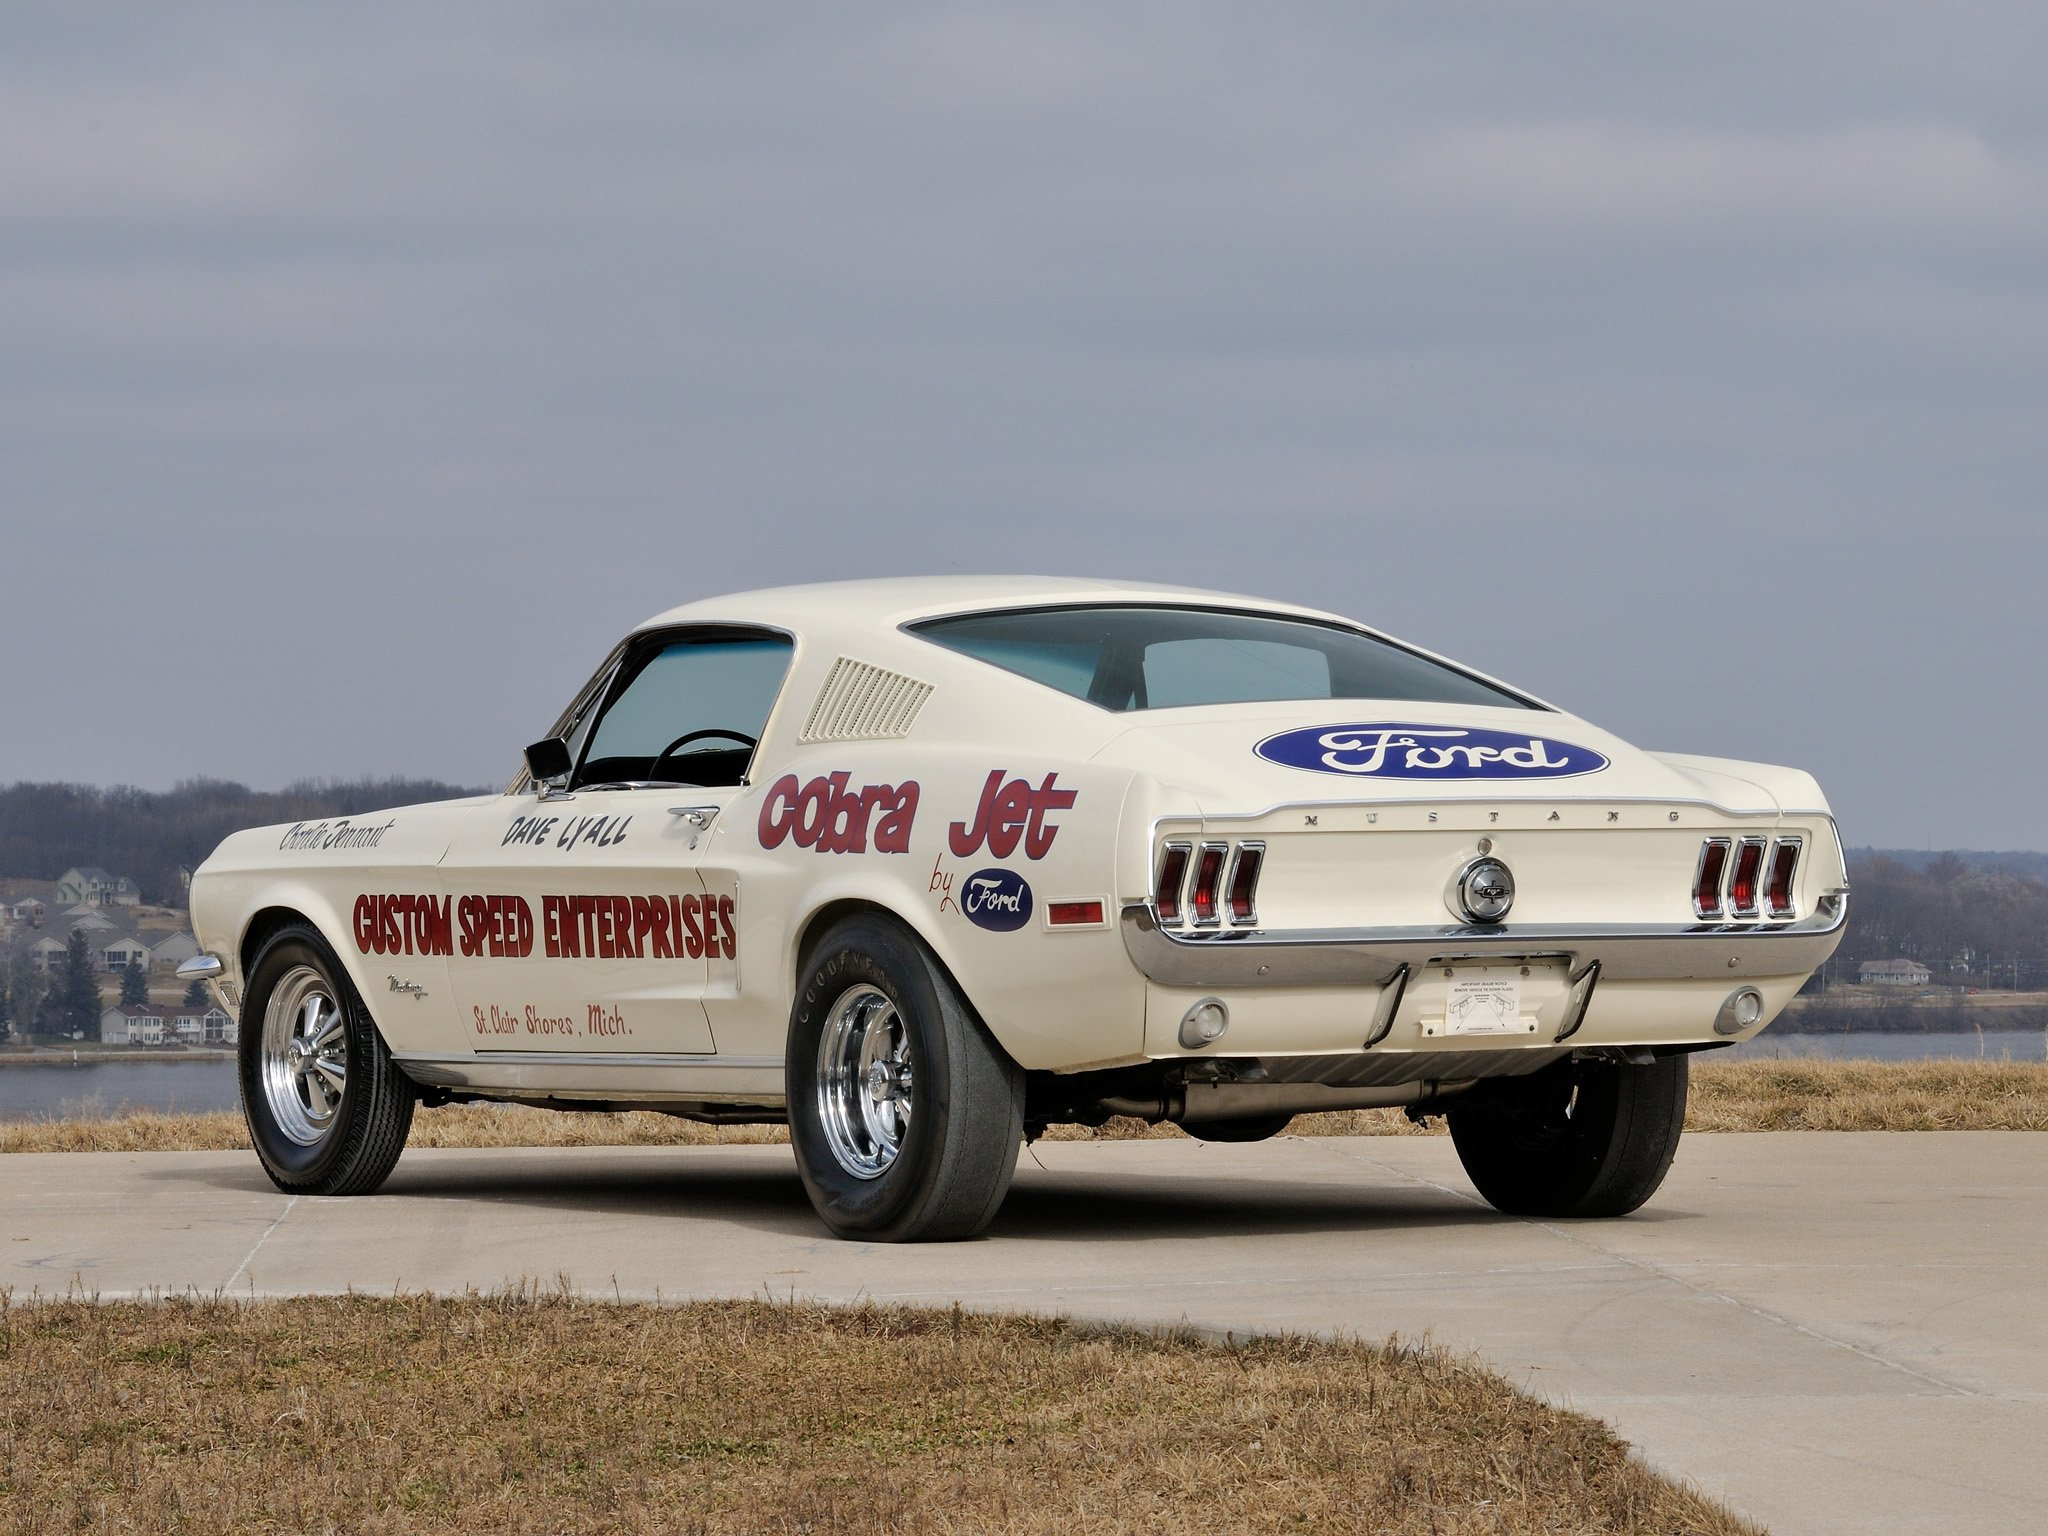 1968 ford mustang lightweight 428 cobra jet classic cars wallpaper 2048x1536 634875 wallpaperup